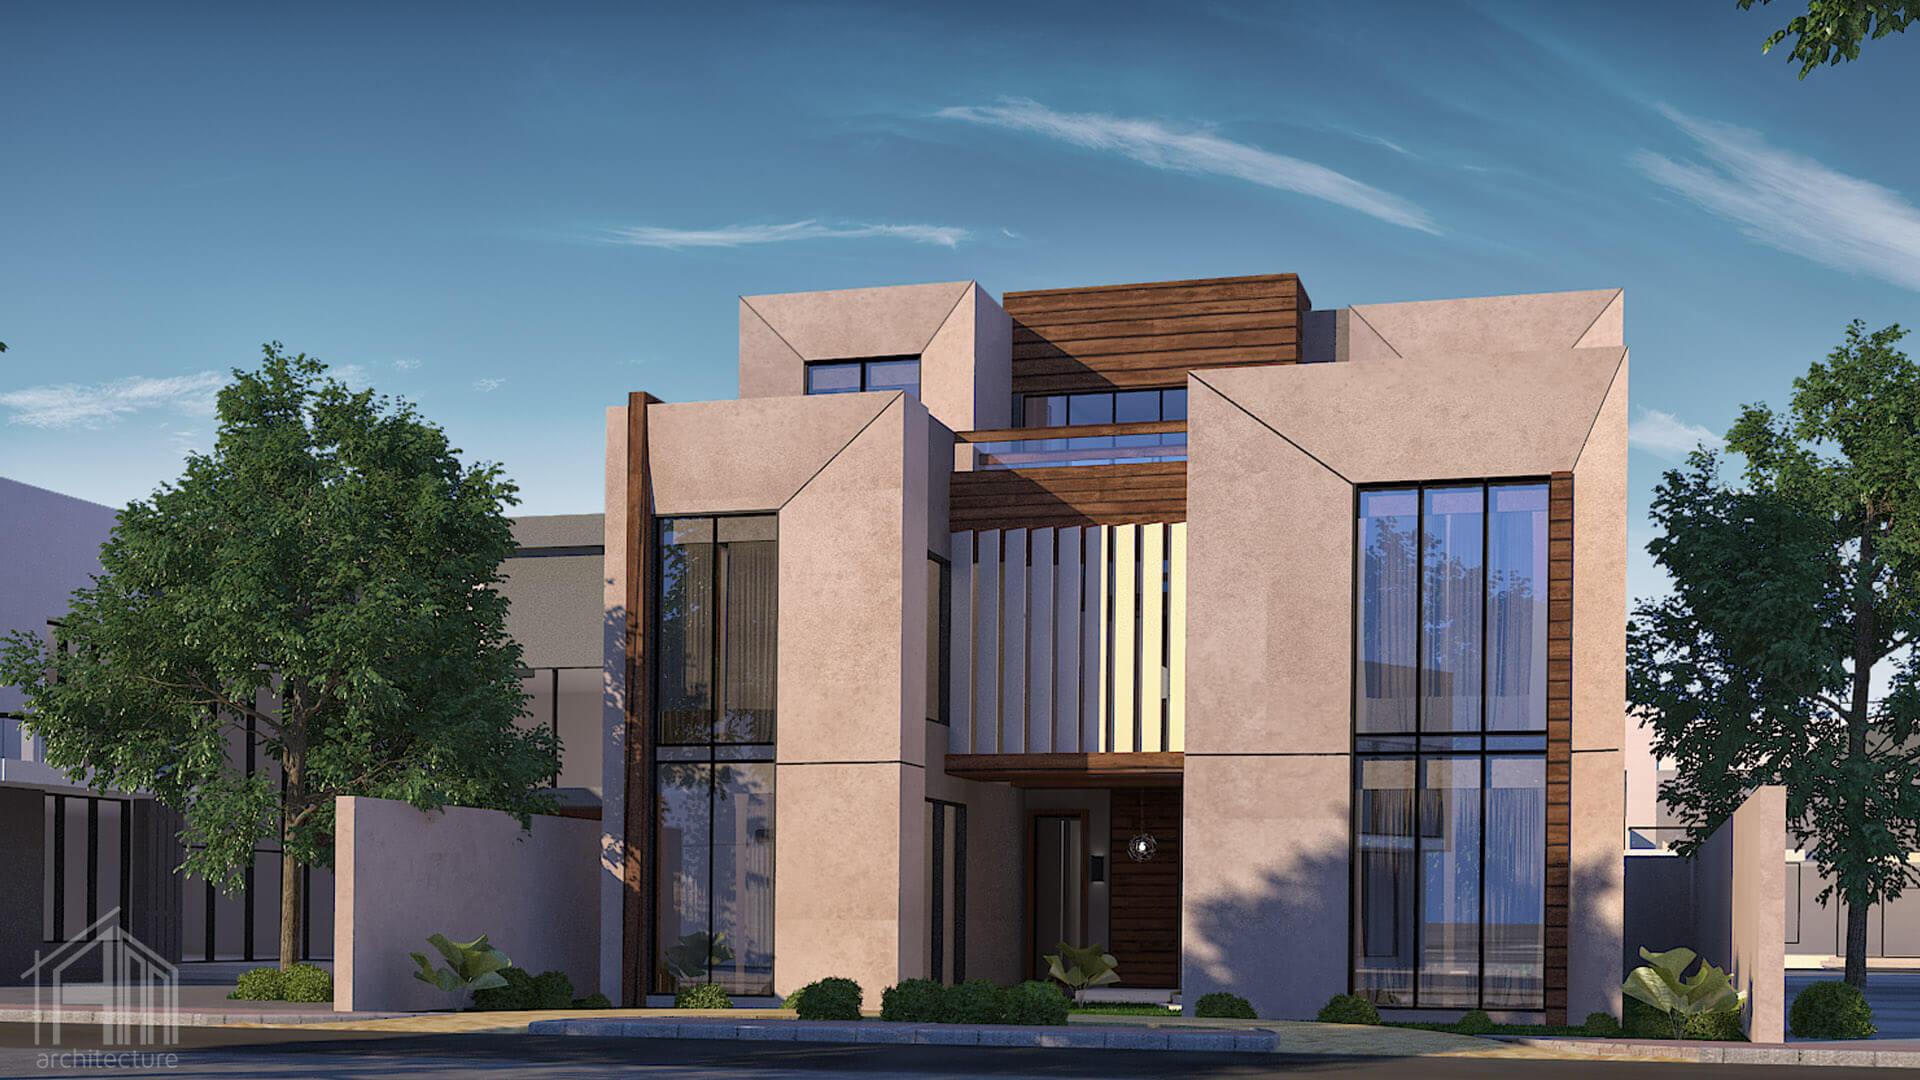 فيلا سكنية خاصة في الاحساء 600 متر | Private Villa in Al-Ahsa 600 sqm